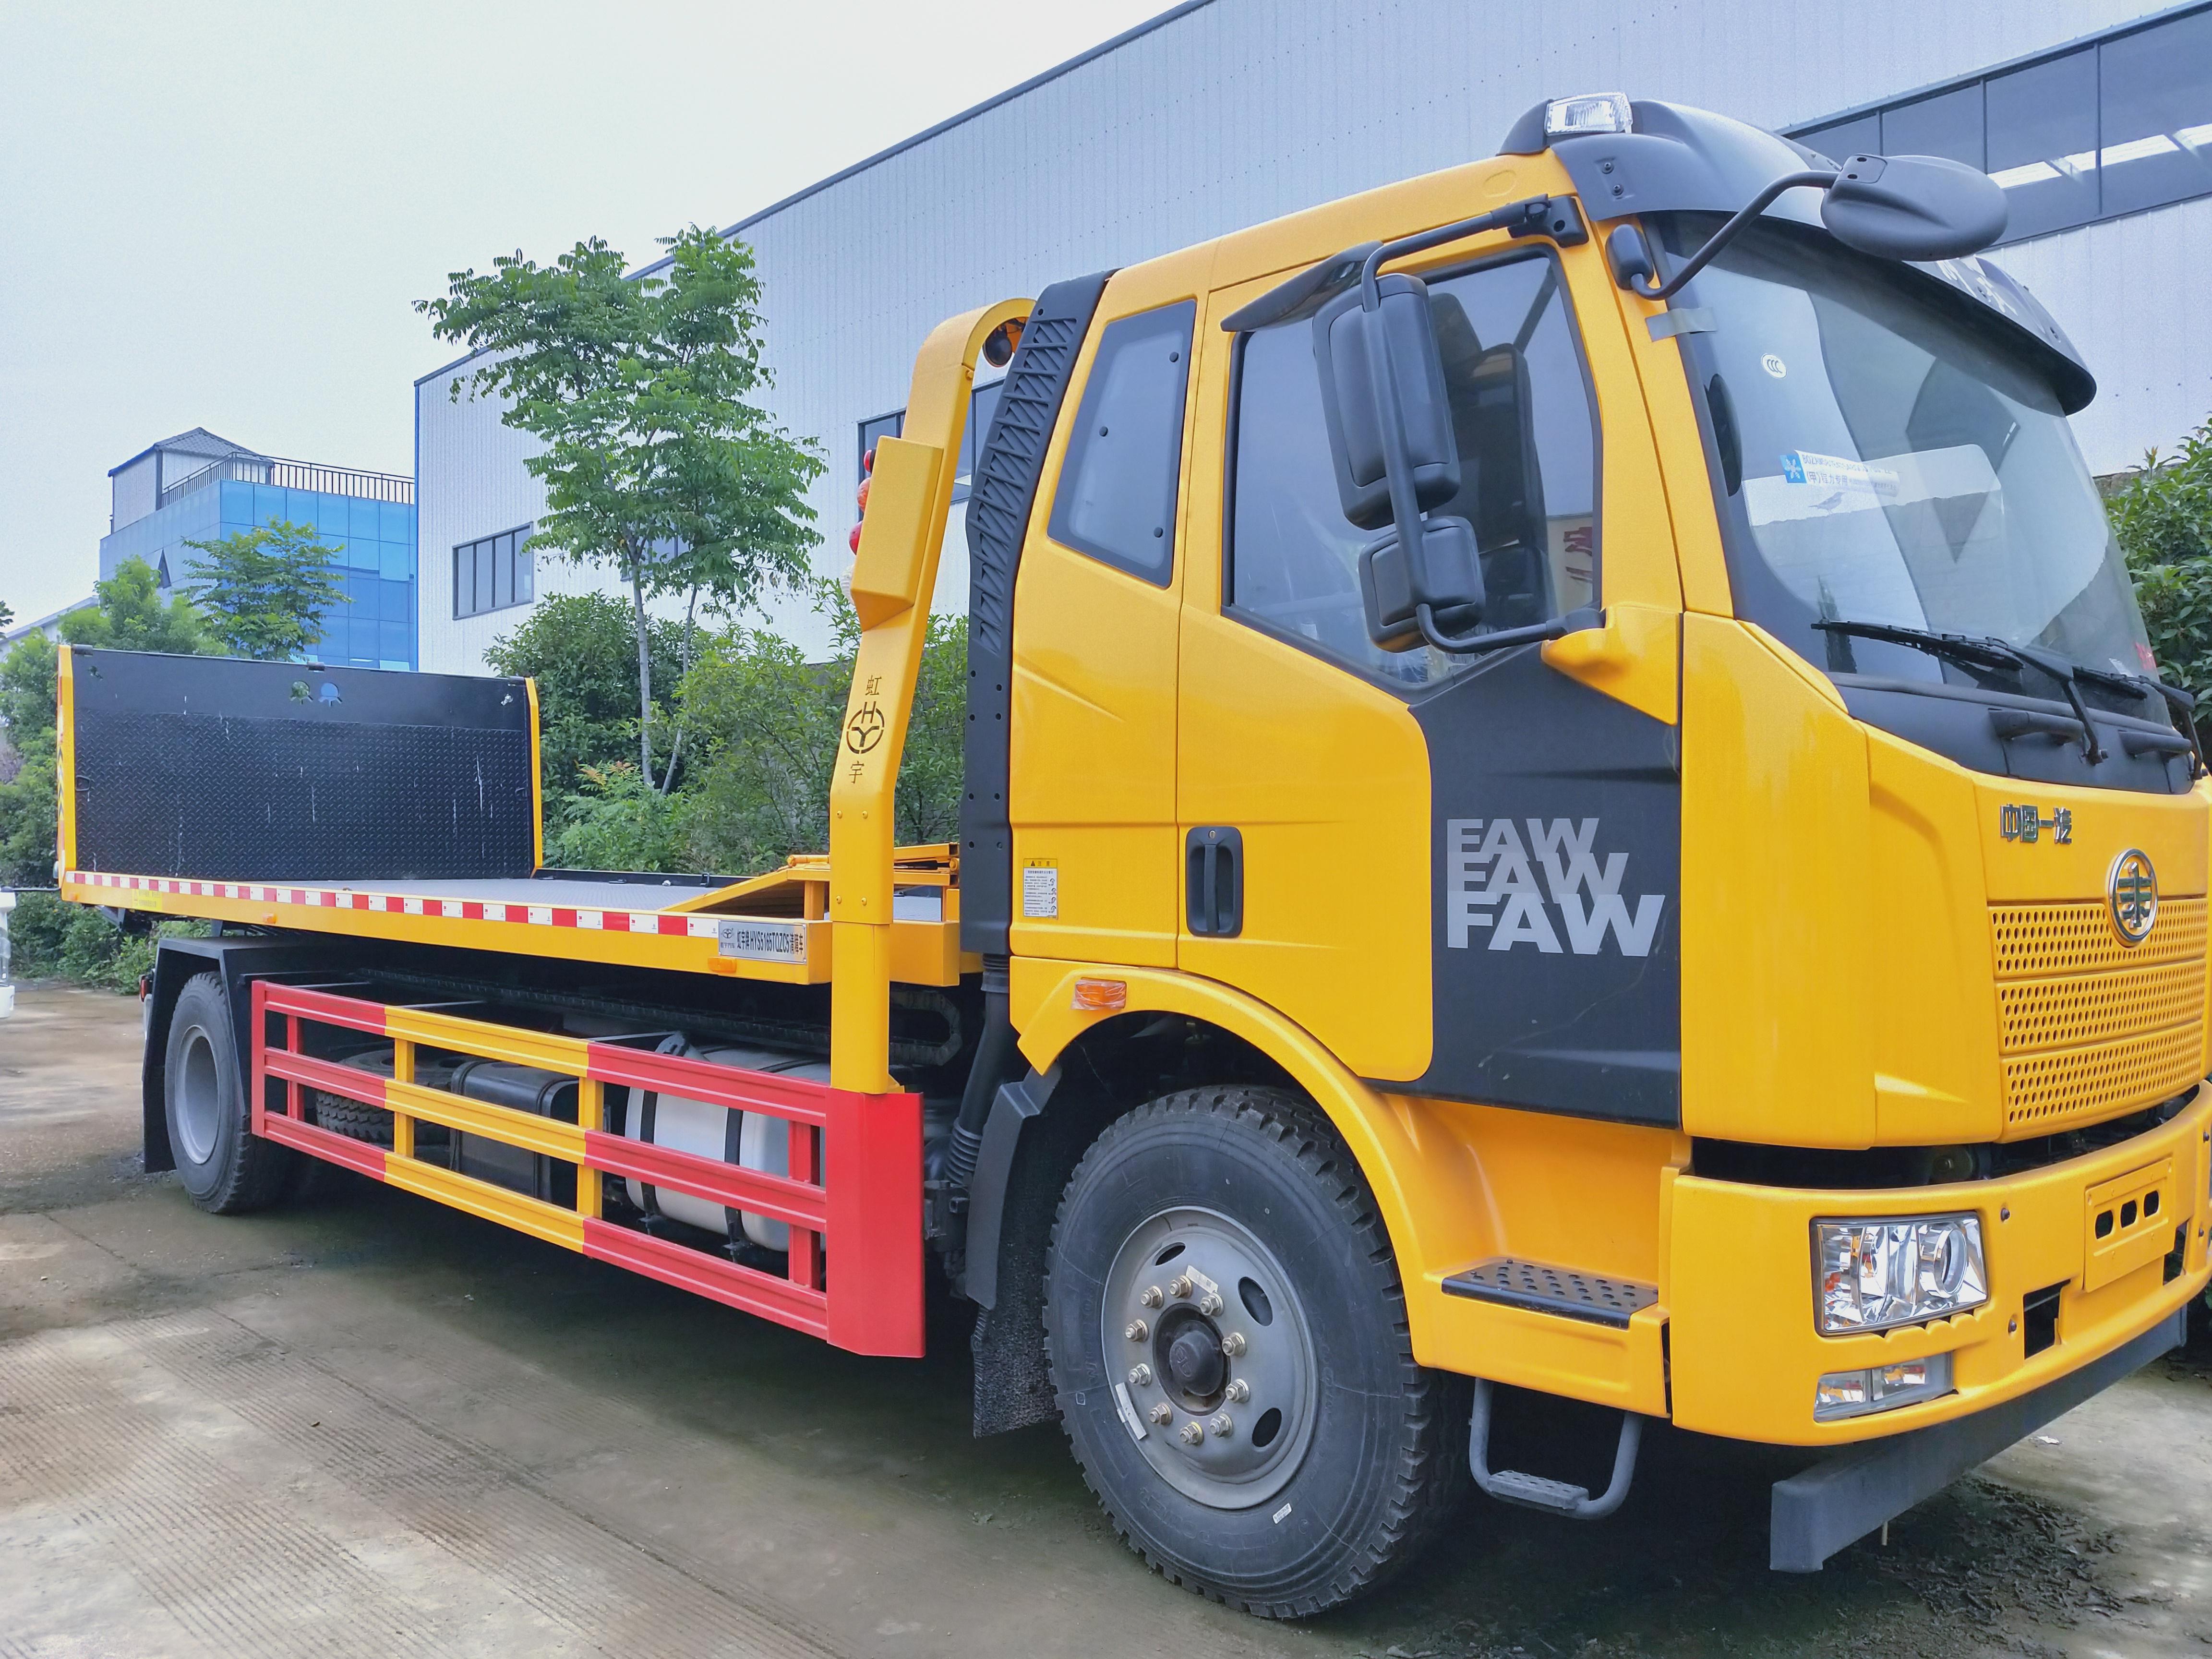 10吨解放J6大平板道路清障车拖车操作视频